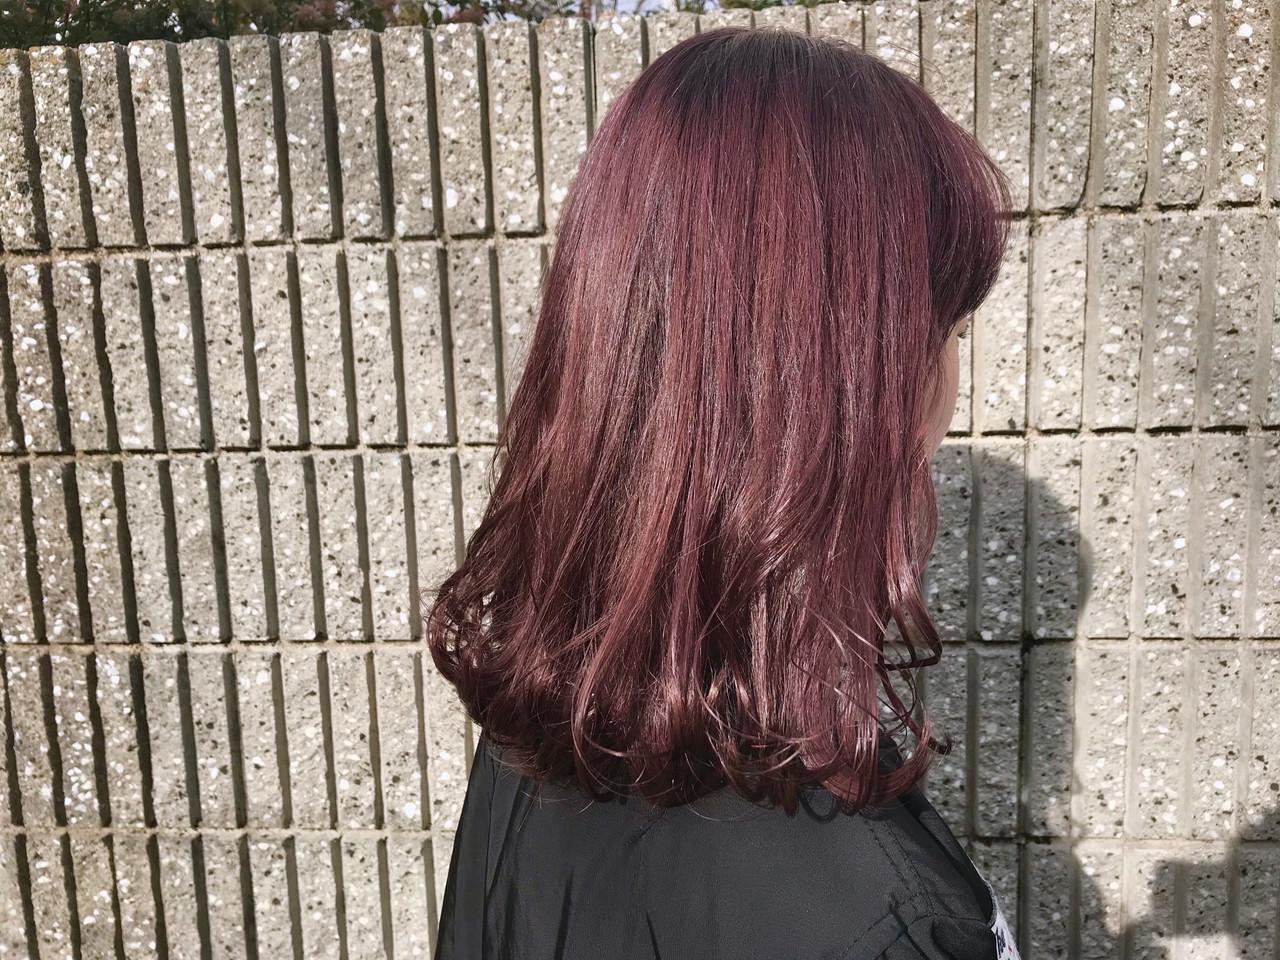 セミロング ピンクアッシュ ブリーチなし 透明感カラー ヘアスタイルや髪型の写真・画像